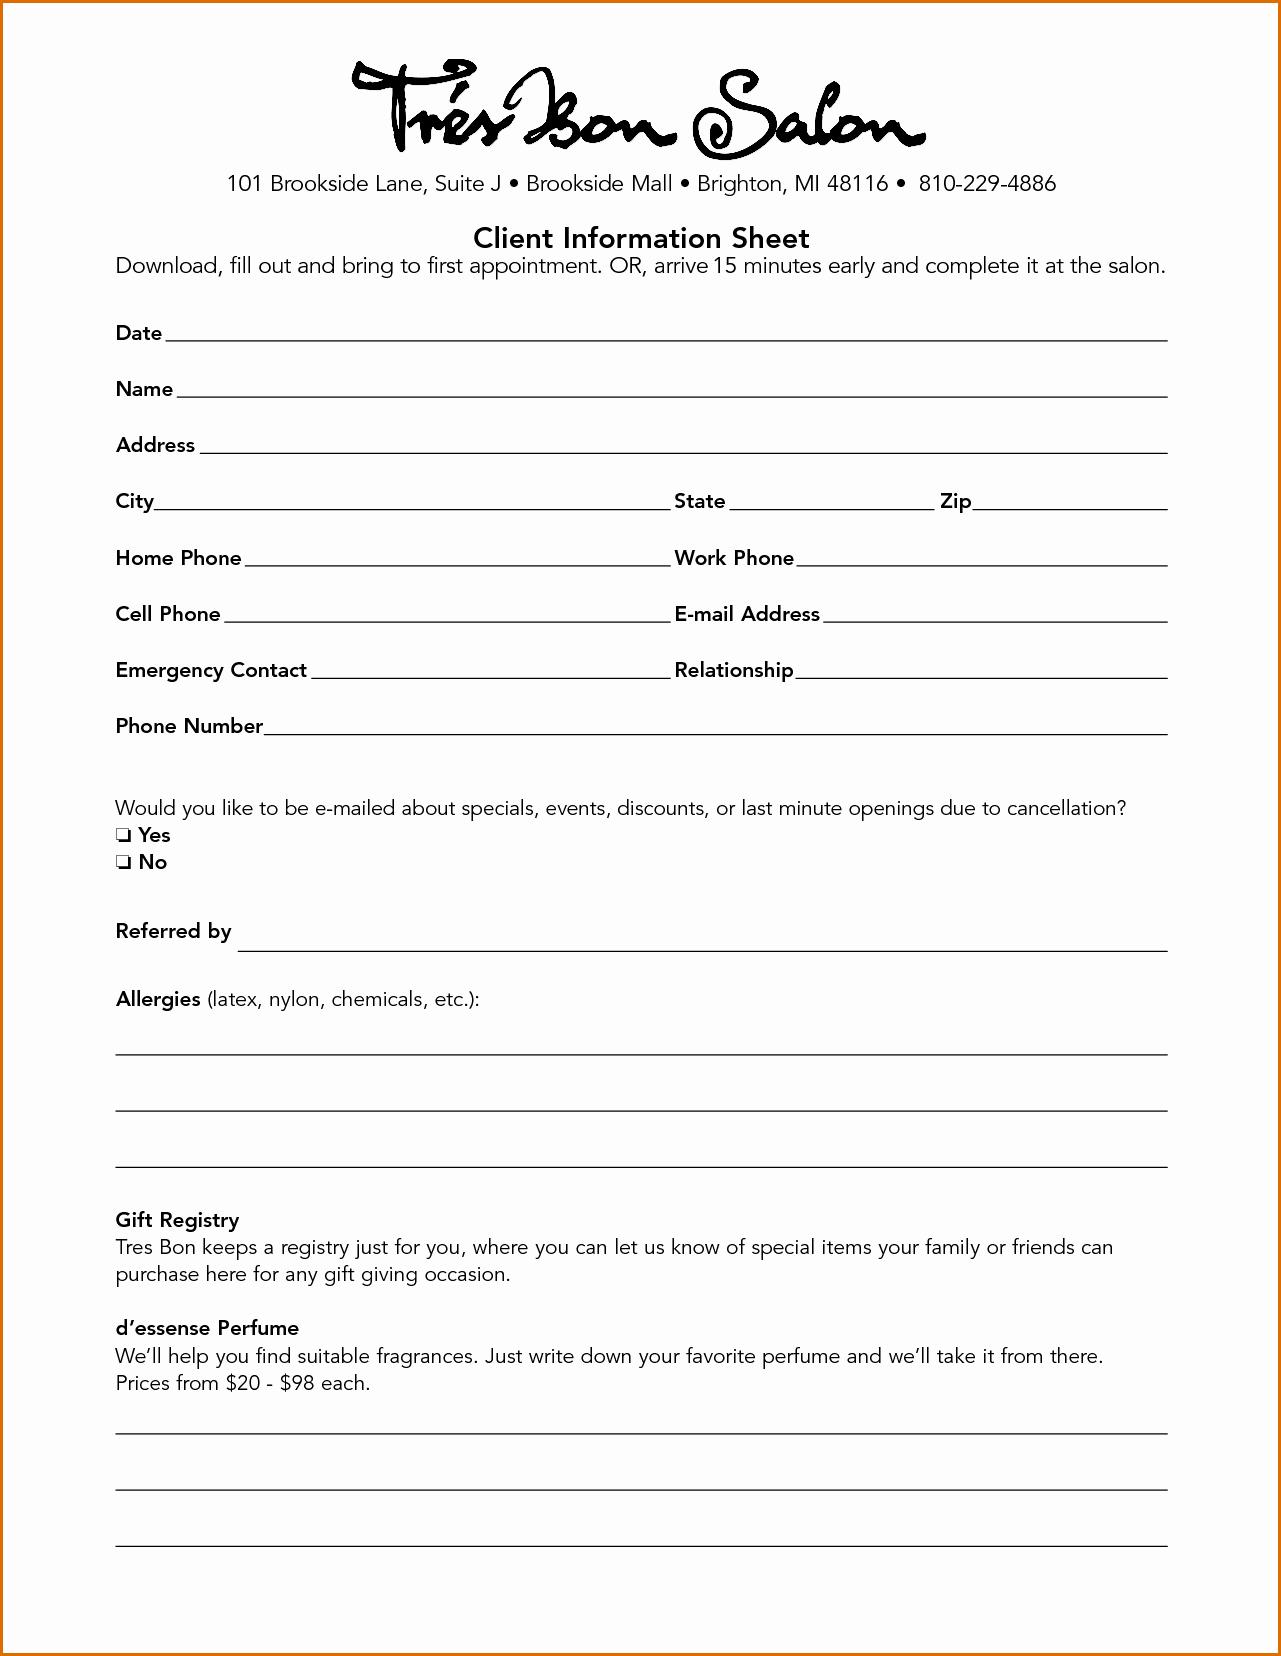 Client Data Sheet Template Fresh 10 Client Information Sheet Template